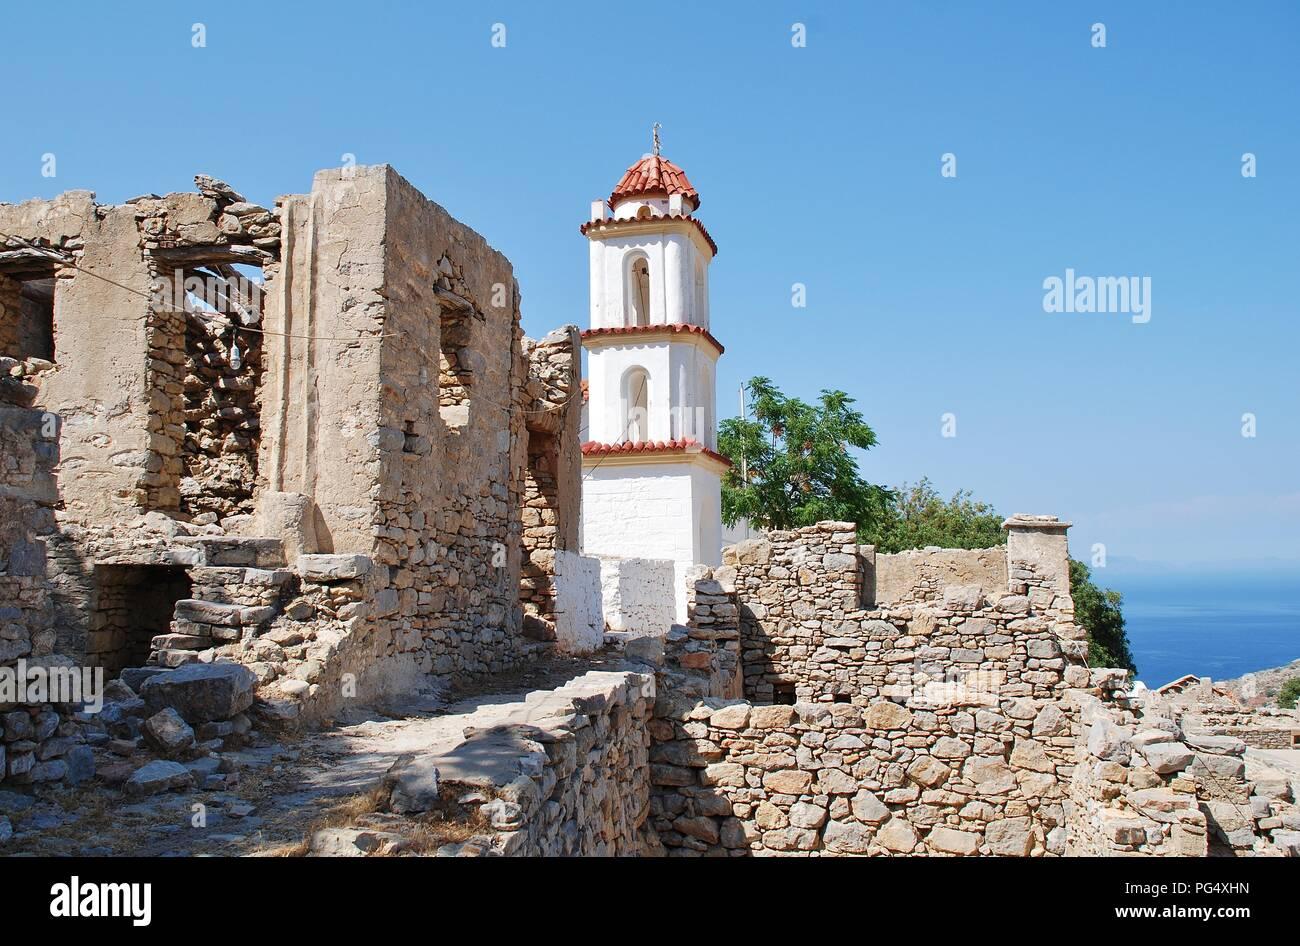 Der Glockenturm der Kirche Agia Zoni in dem verlassenen Dorf Mikro Chorio auf der griechischen Insel Tilos. Stockbild